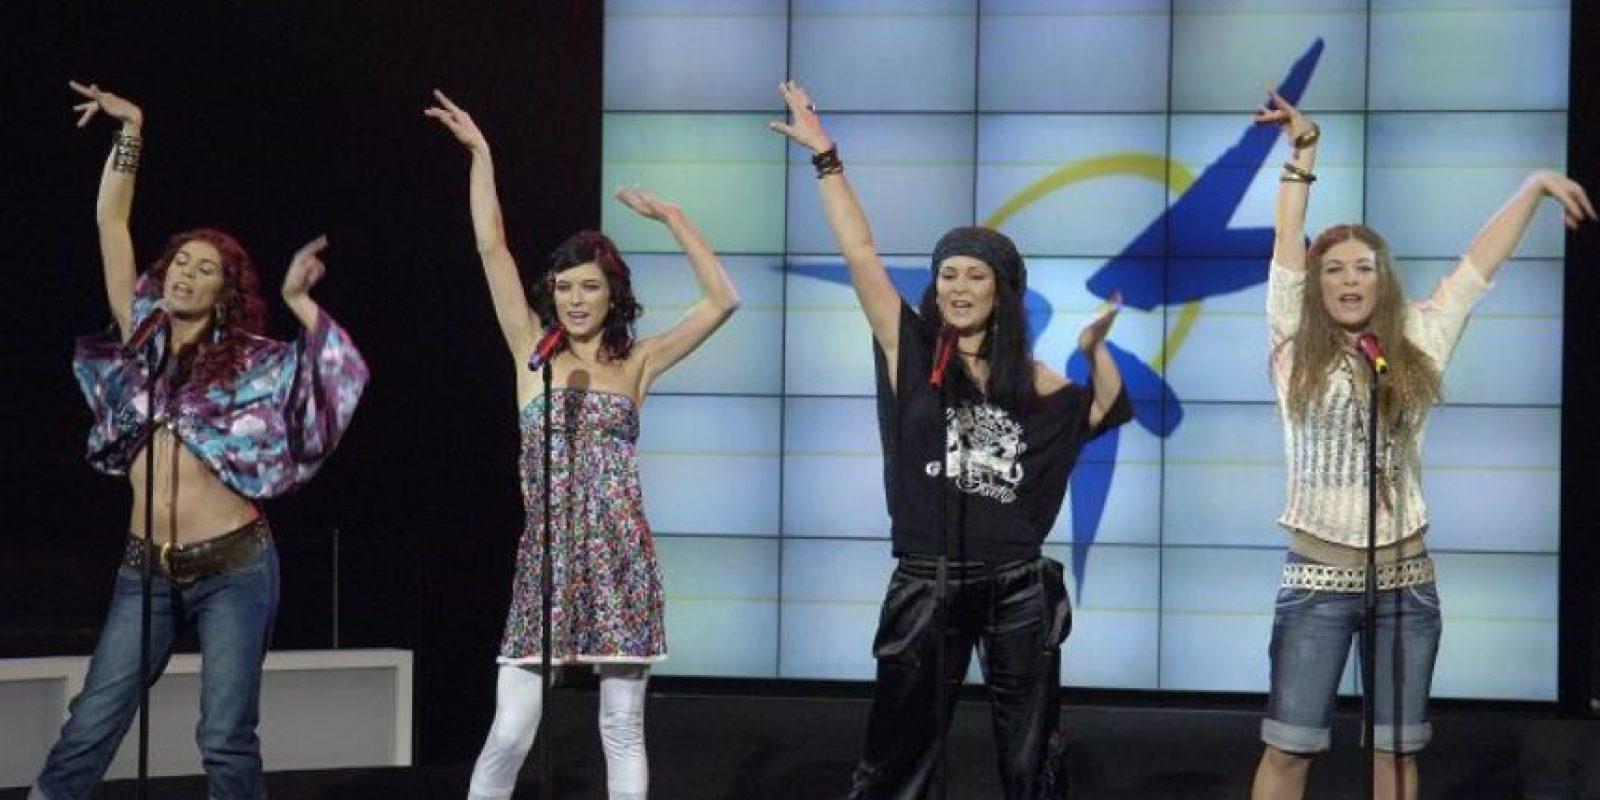 """Las hermanas Muñoz, hijas del guitarrista flamenco """"El Tomate"""" llegaron así a la fama. Foto:vía Facebook/Las Ketchup Oficial"""